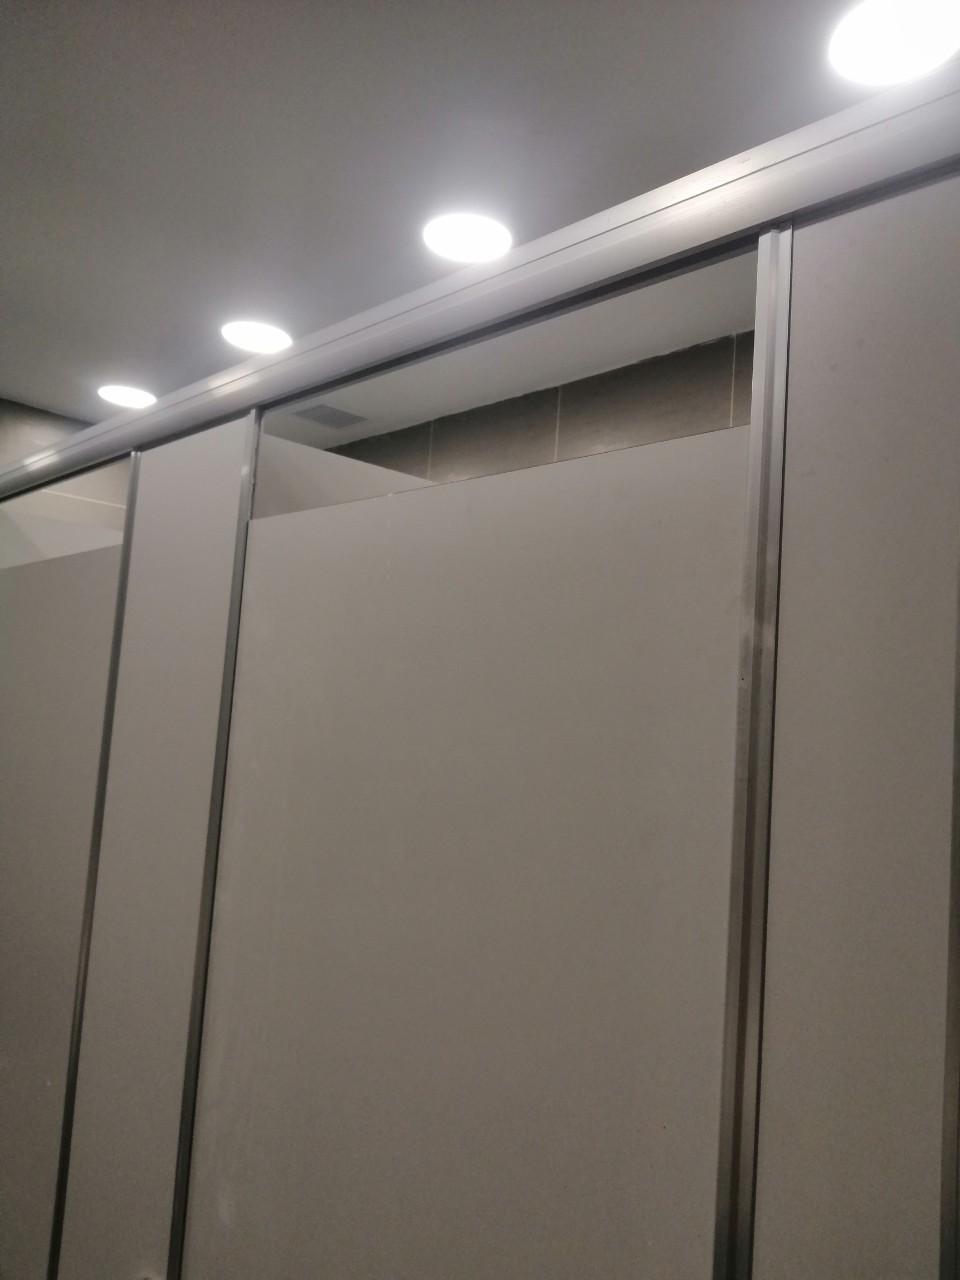 đánh giá bộ phụ kiện vách ngăn vệ sinh hoode hd 150